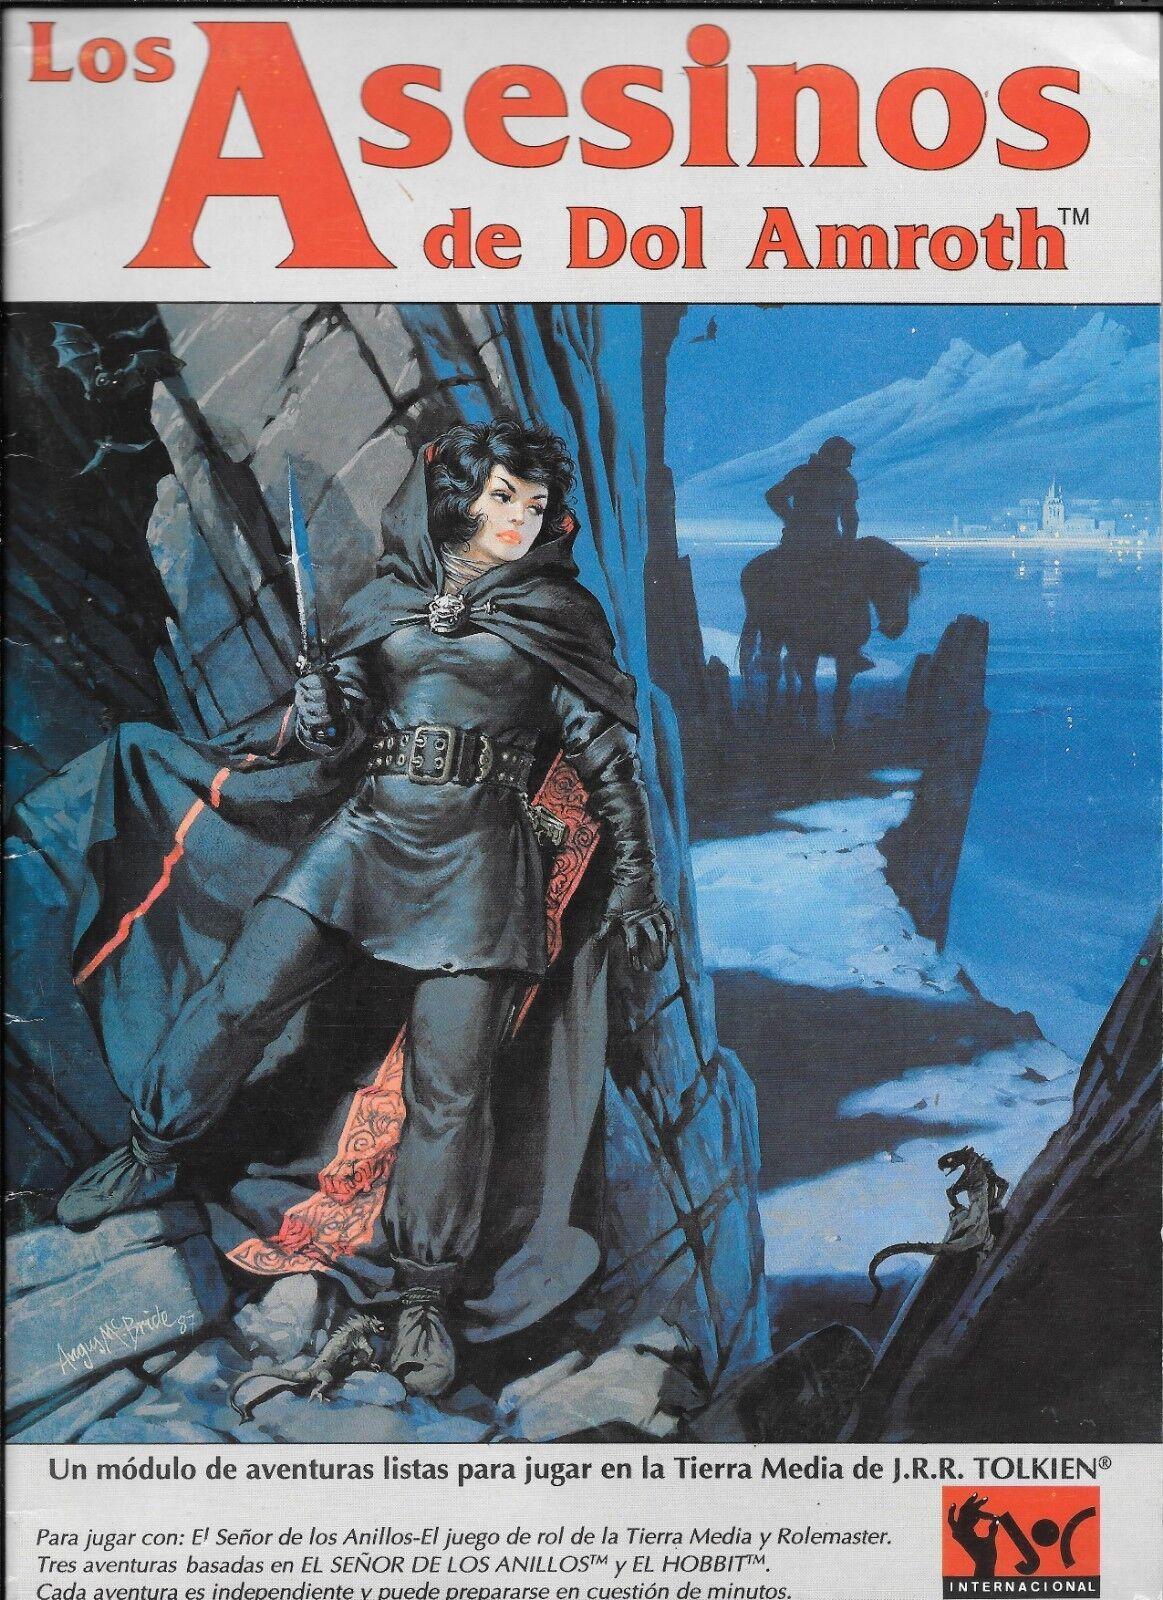 LOS ASESINOS DE DOL AMrougeH JOC 303 rol MERP ICE 1993 Señor de los Anillos